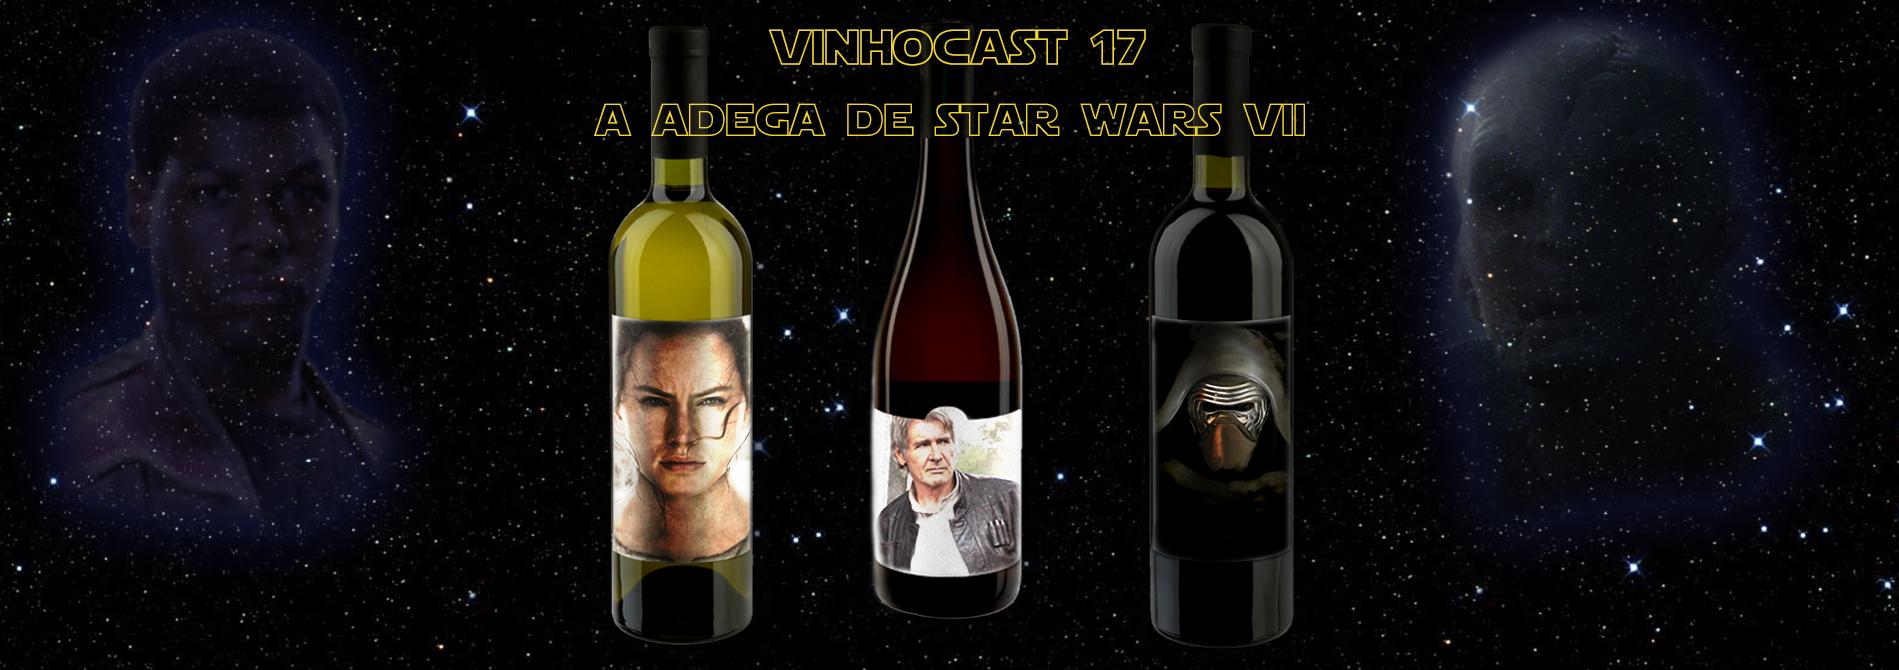 Vinhocast 17